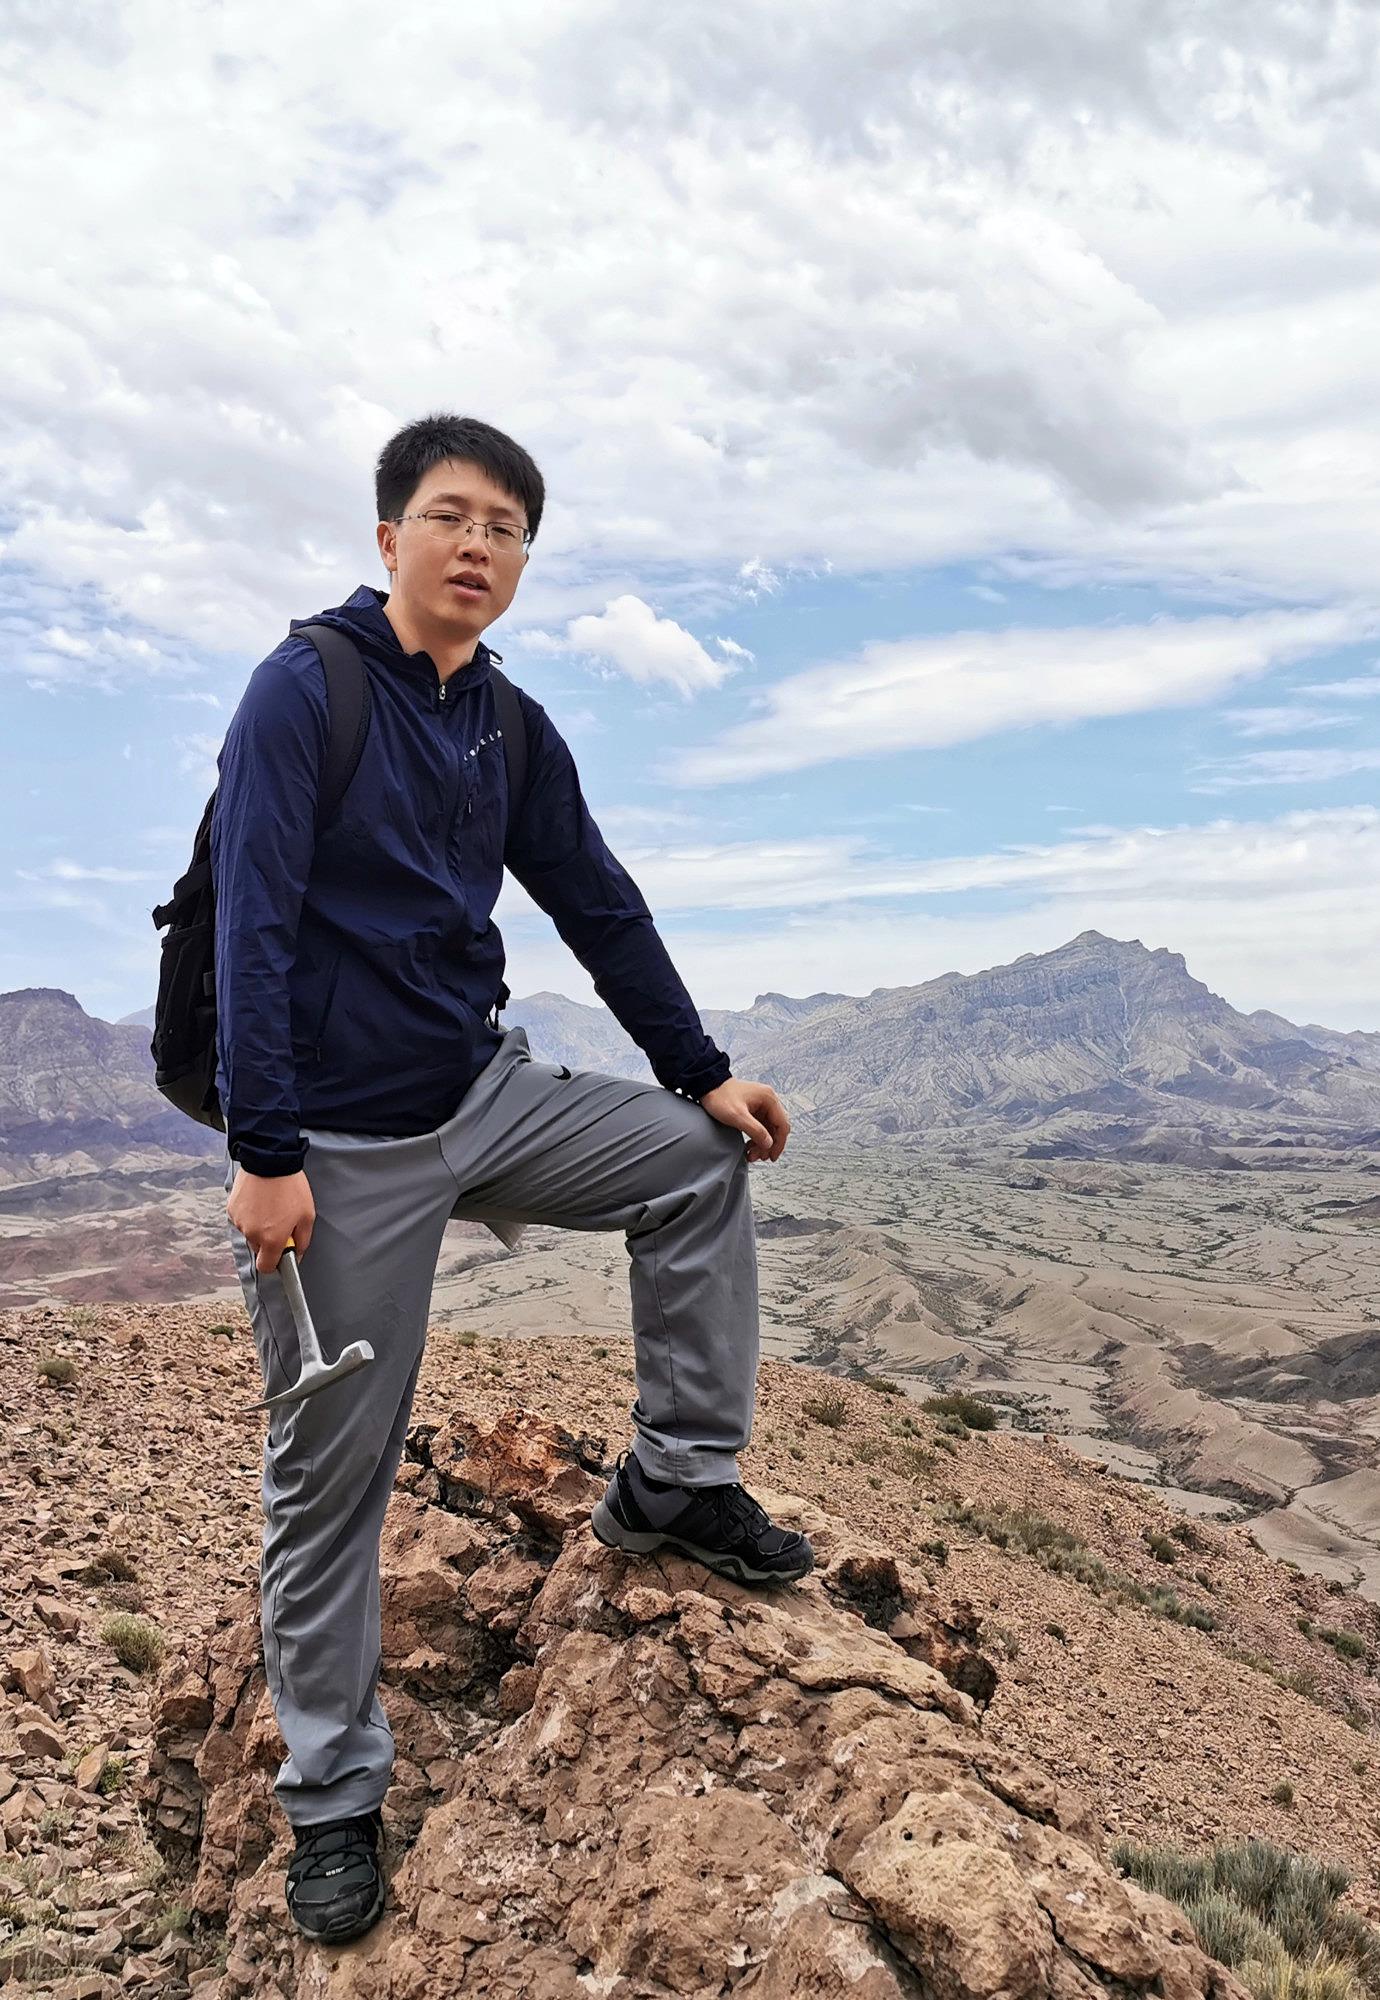 Mingyang Wei